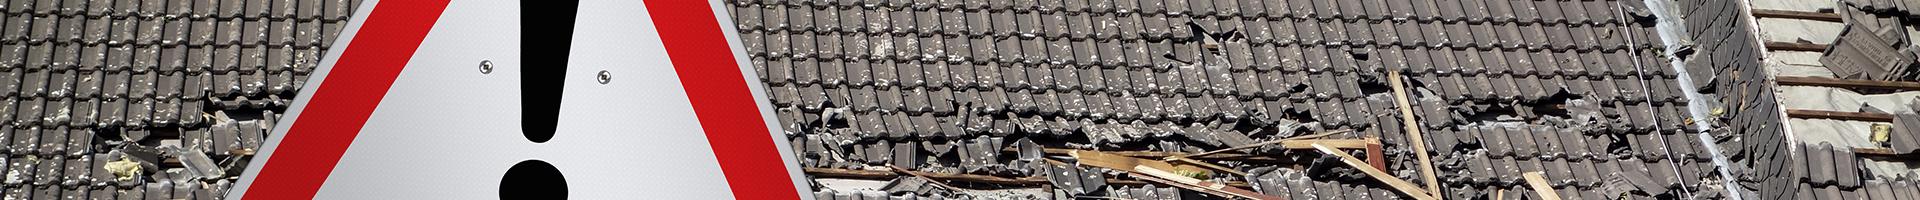 Sturmschäden & Reparaturarbeiten